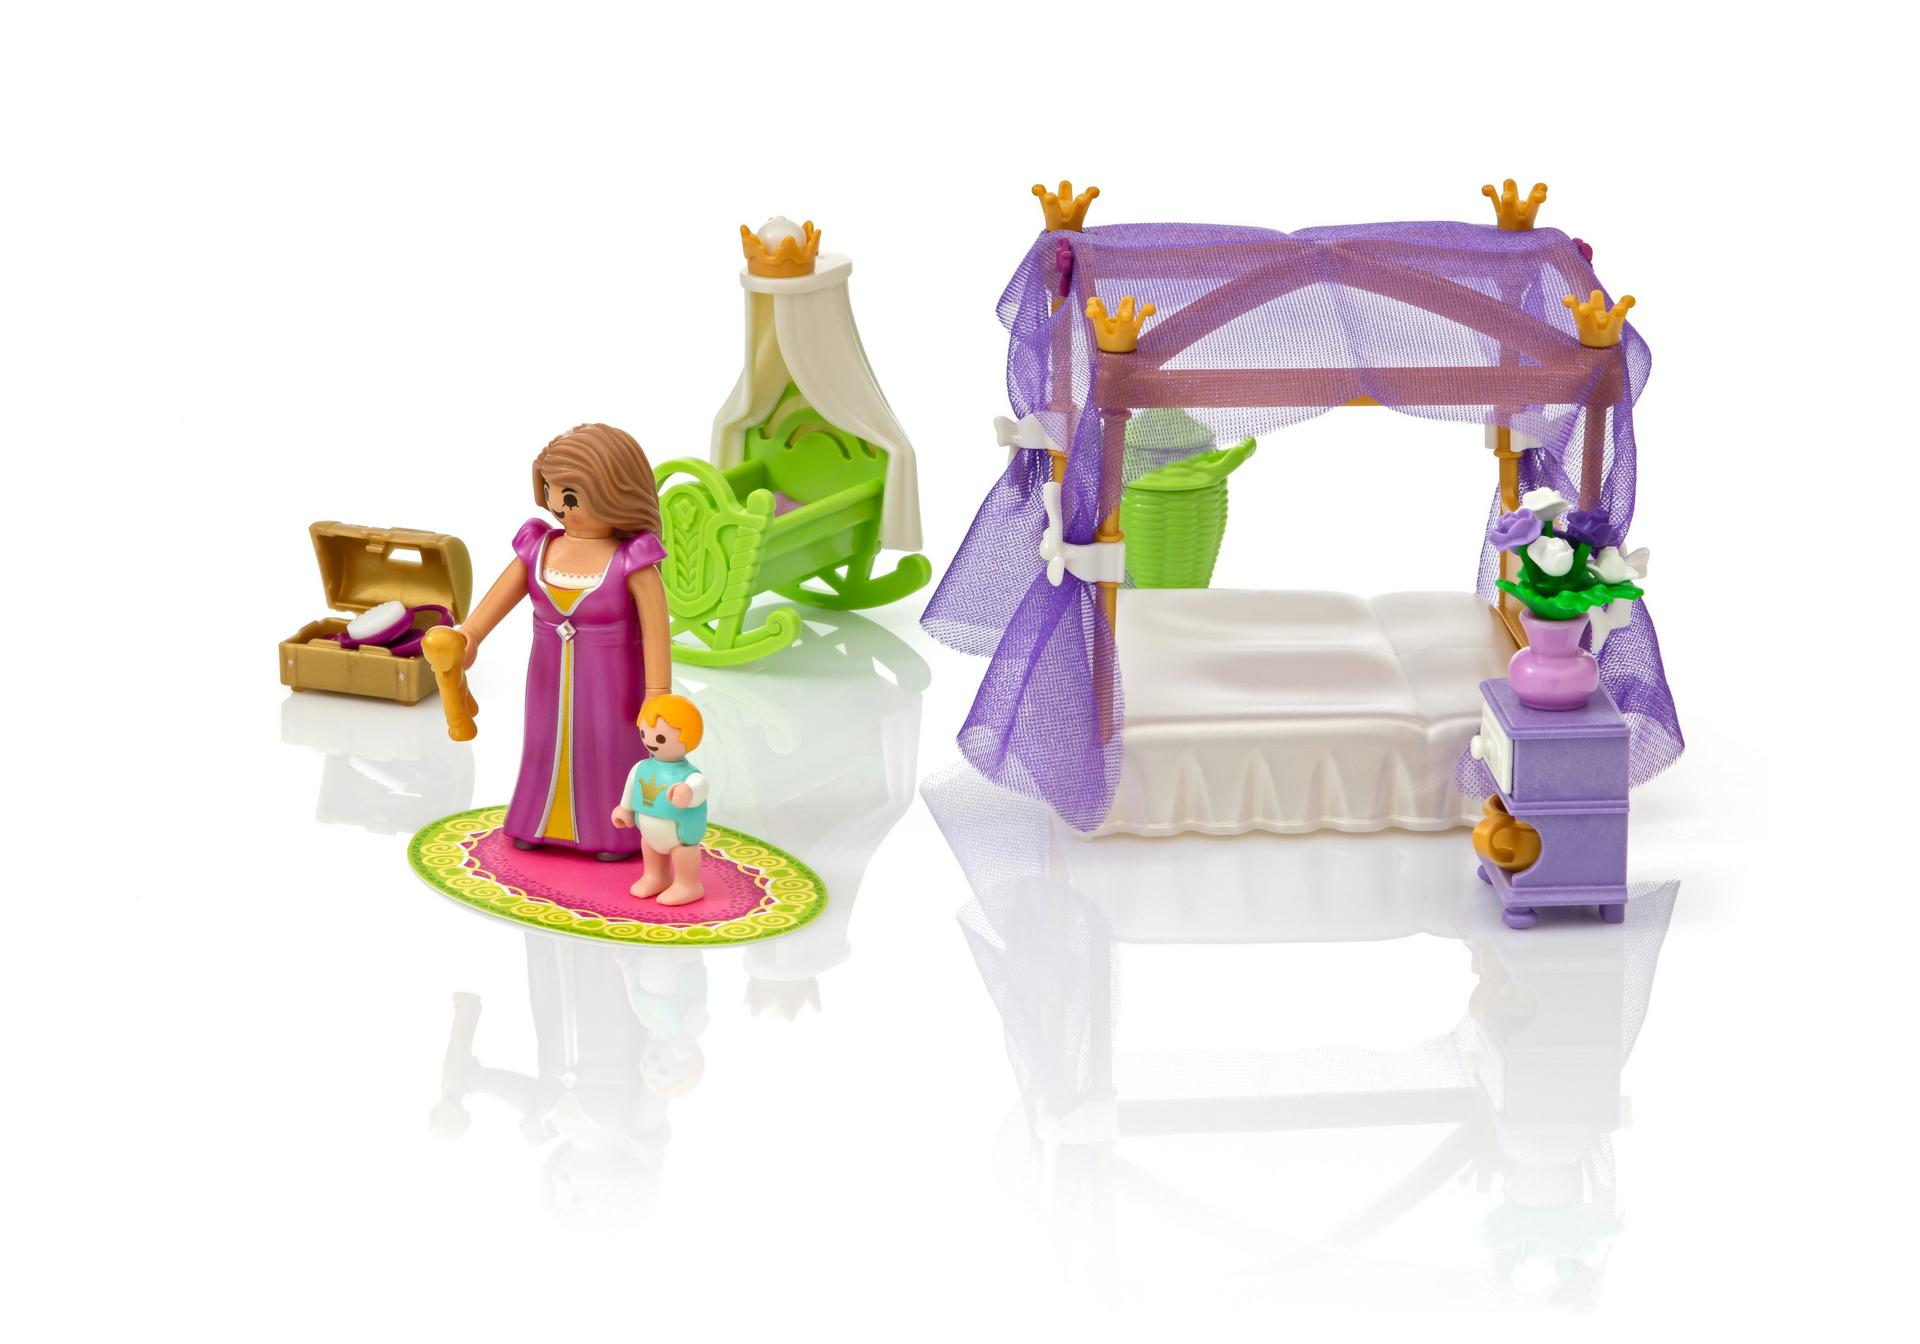 Playmobil Luxusvilla Ausmalbilder : Fantastisch Playmobil Luxusvilla Kinderzimmer Fotos